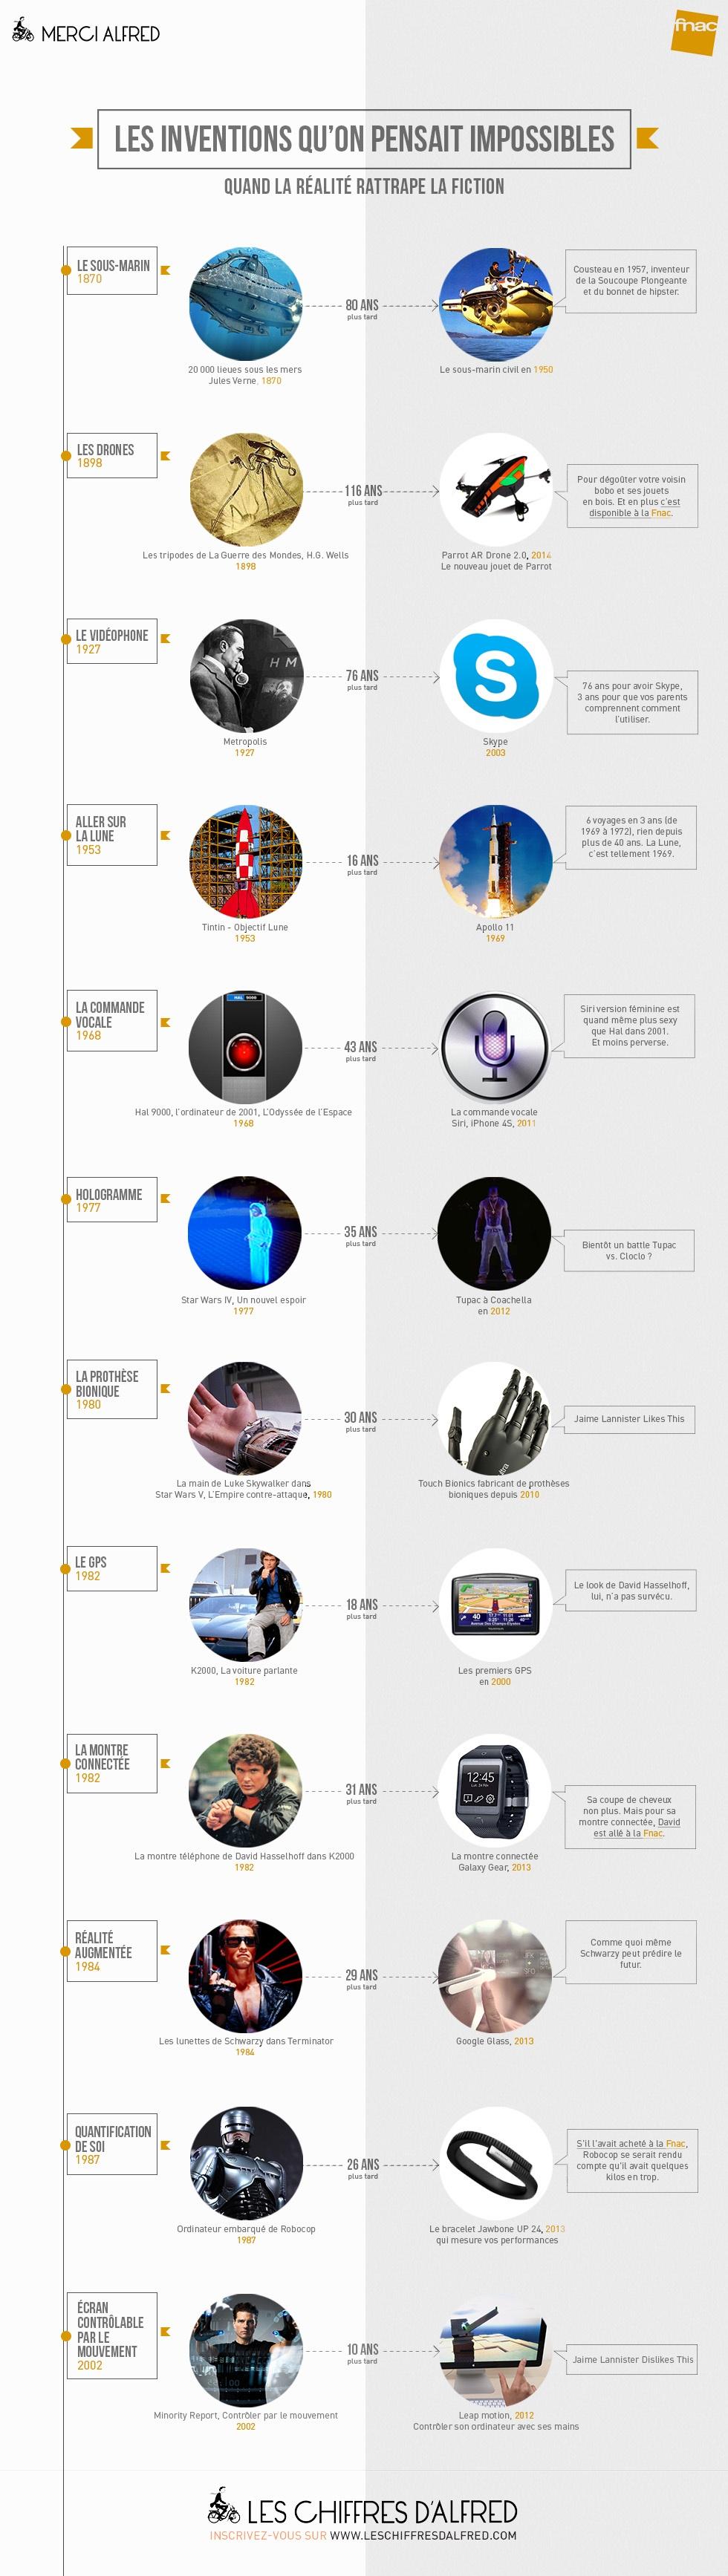 infographie_fiction-future_merci-alfred Infographie : ces inventions qui furent d'abord de la fiction !